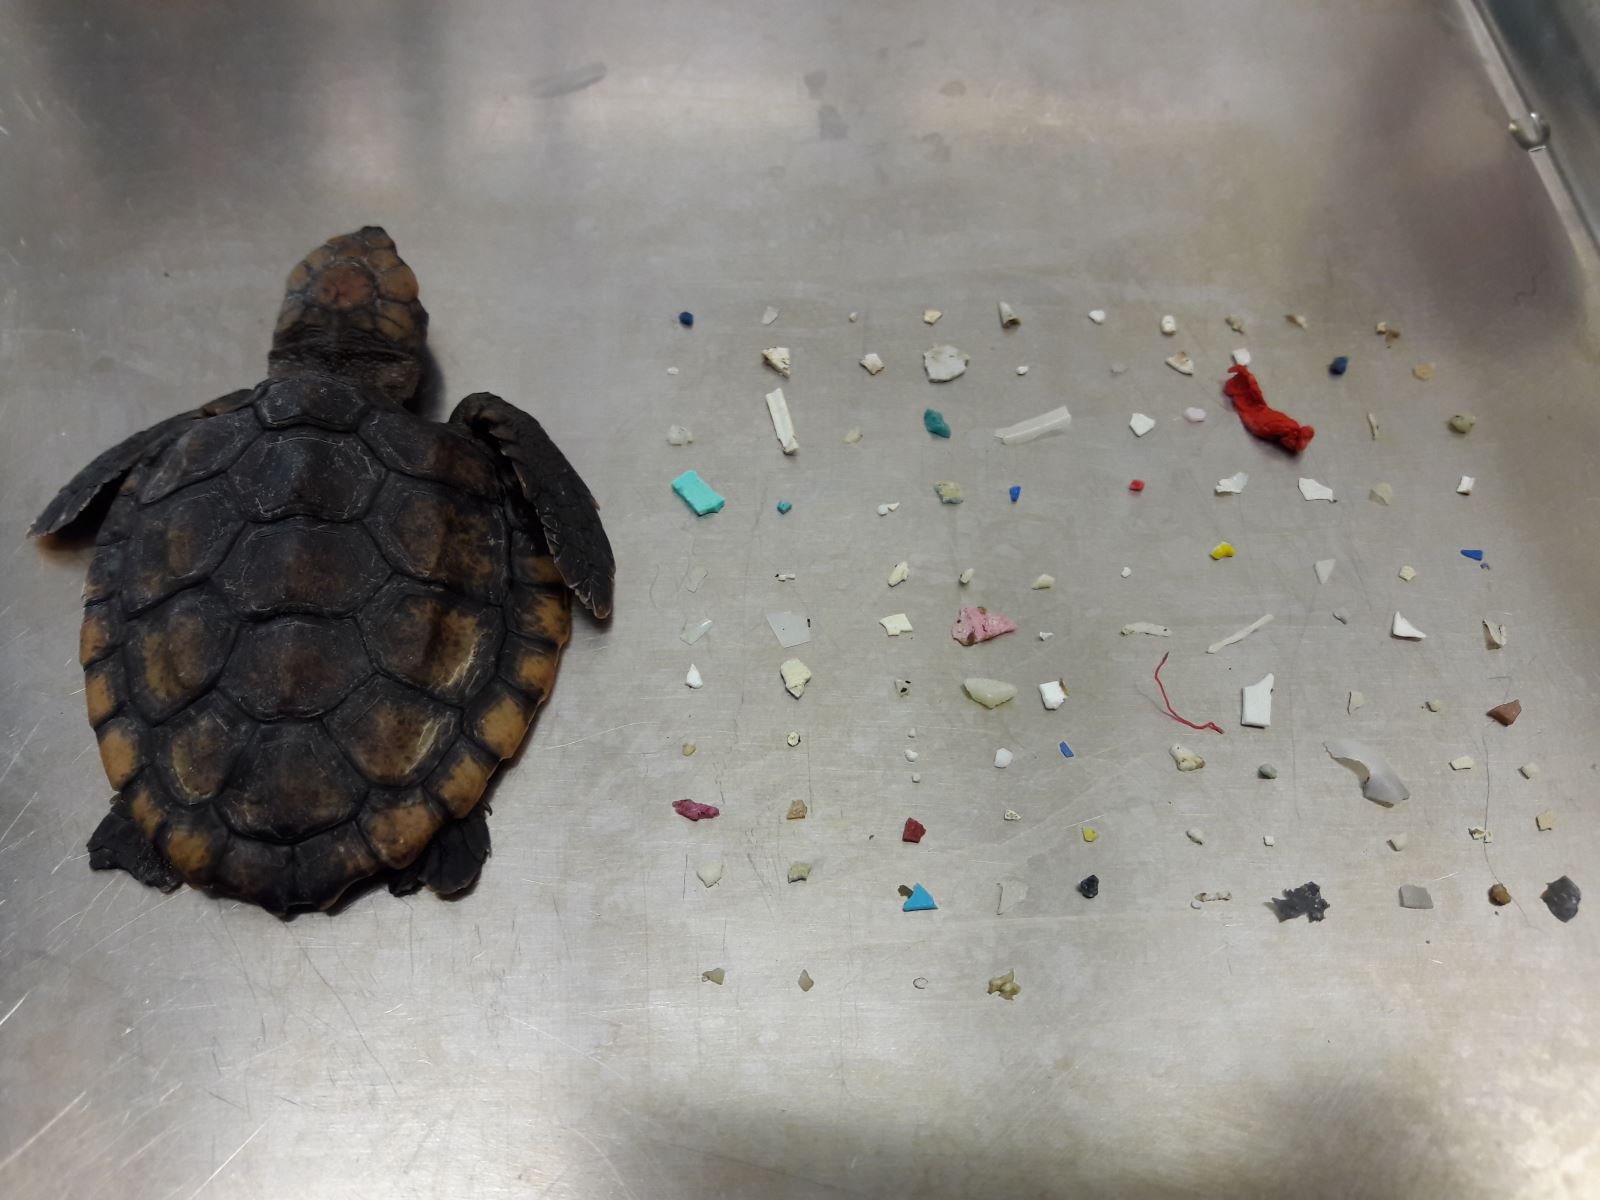 Washback Sea Turtle with Microplastics